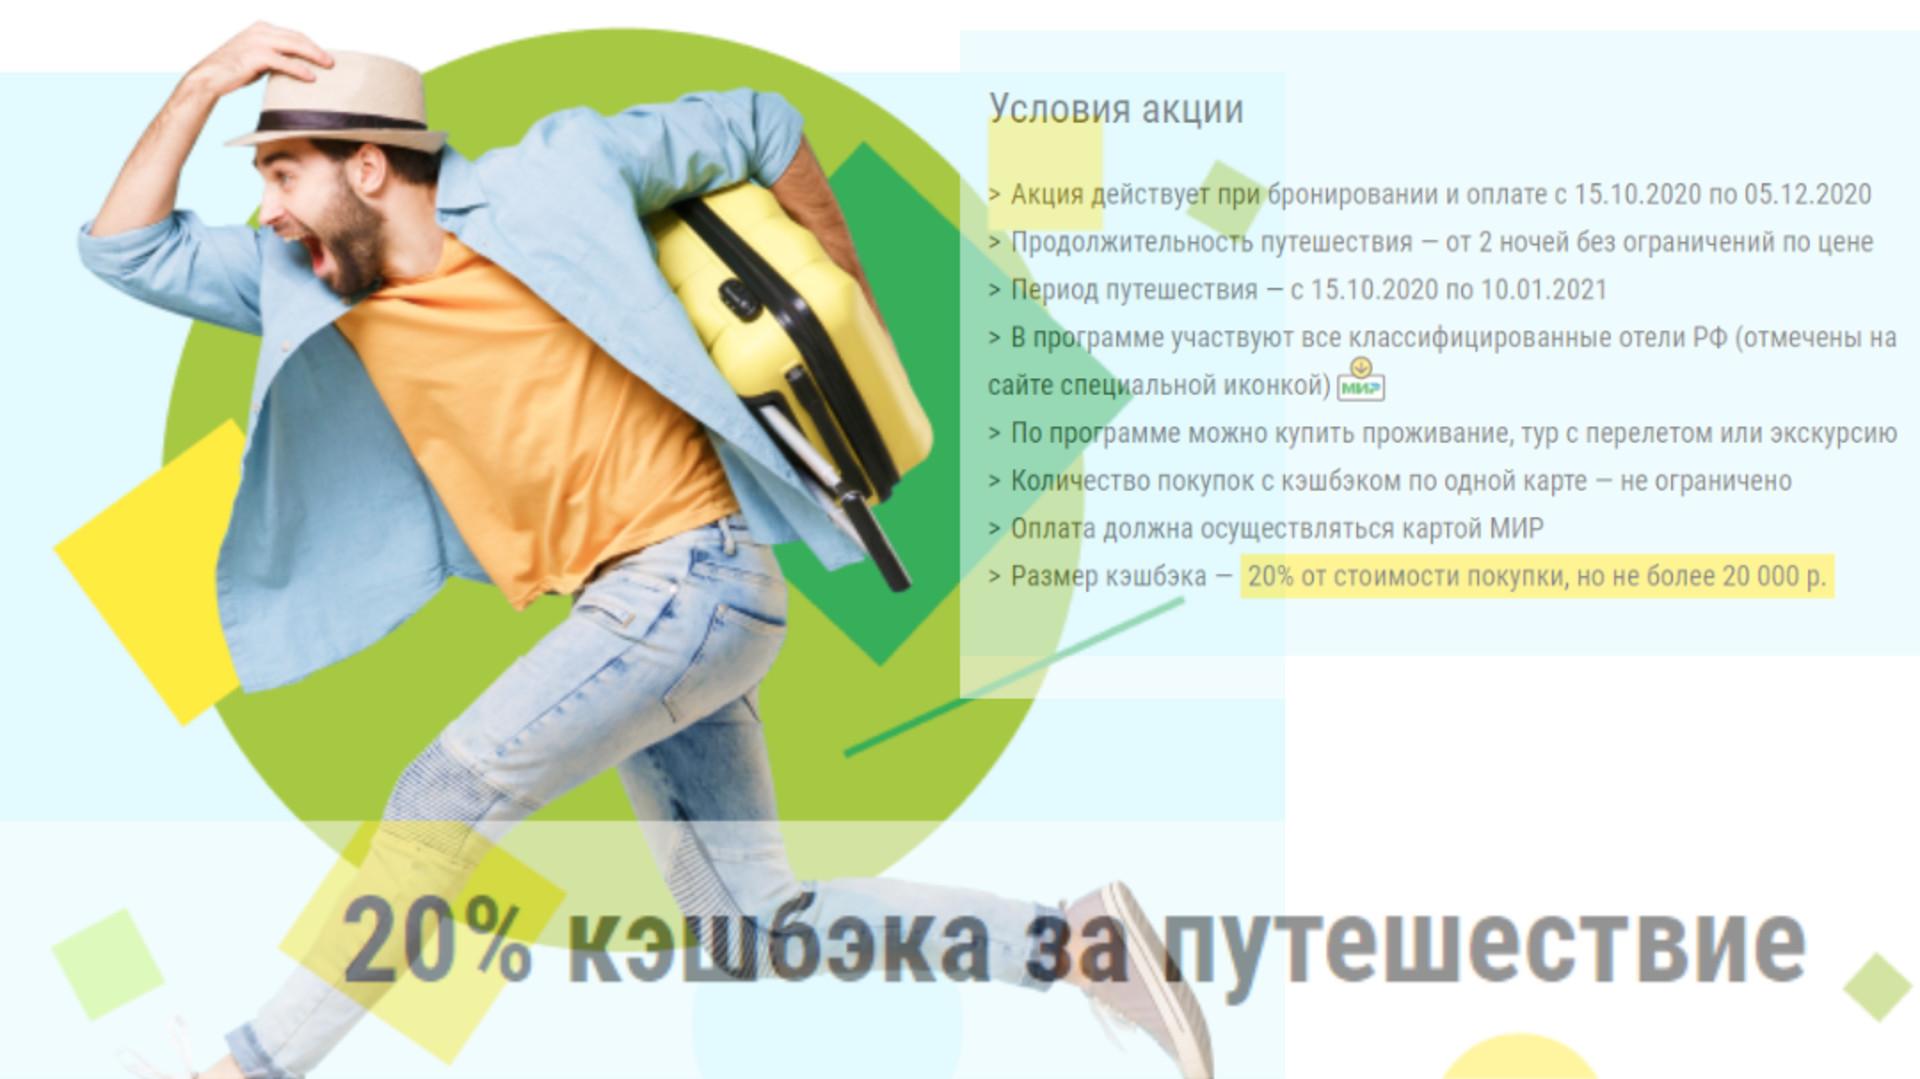 Дизайн без названия.png